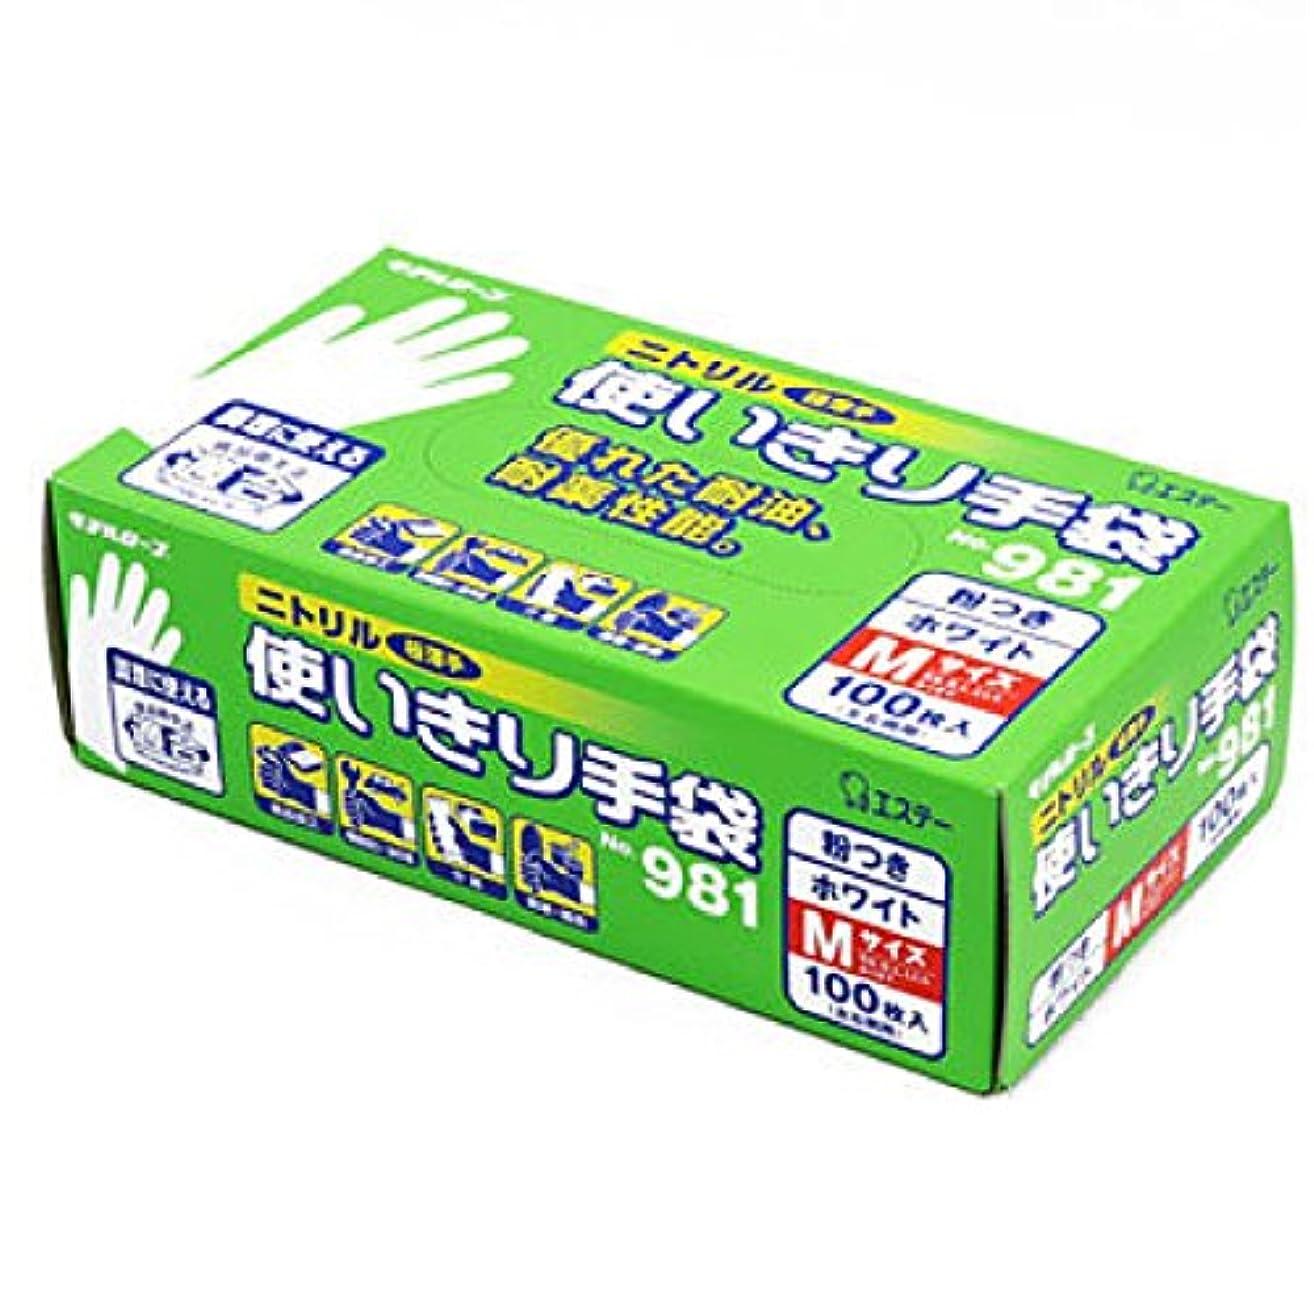 机有毒居住者エステー/ニトリル使いきり手袋 箱入 (粉つき) [100枚入]/品番:981 サイズ:L カラー:ホワイト